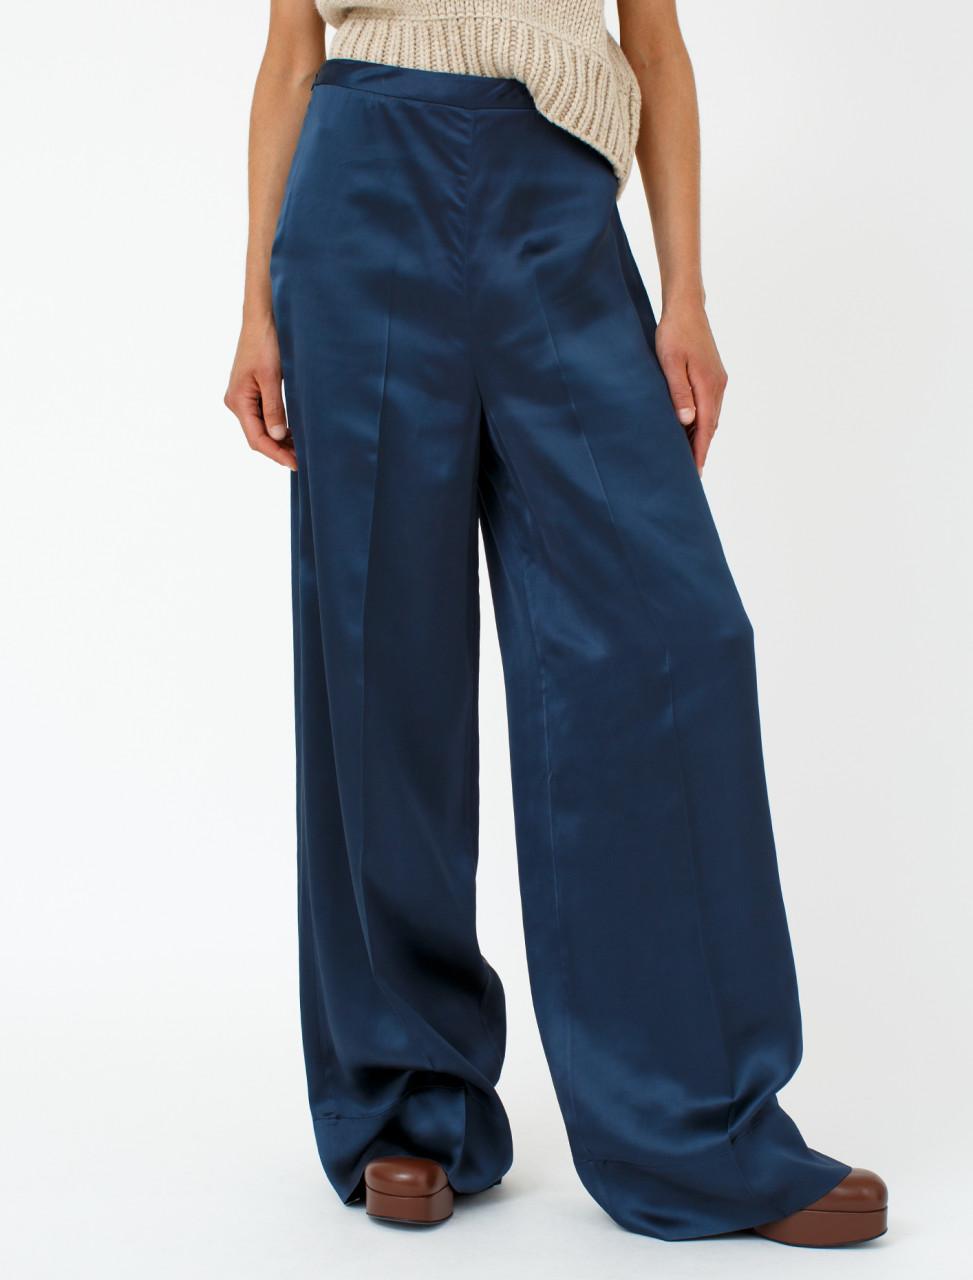 Trouser in Medium Blue